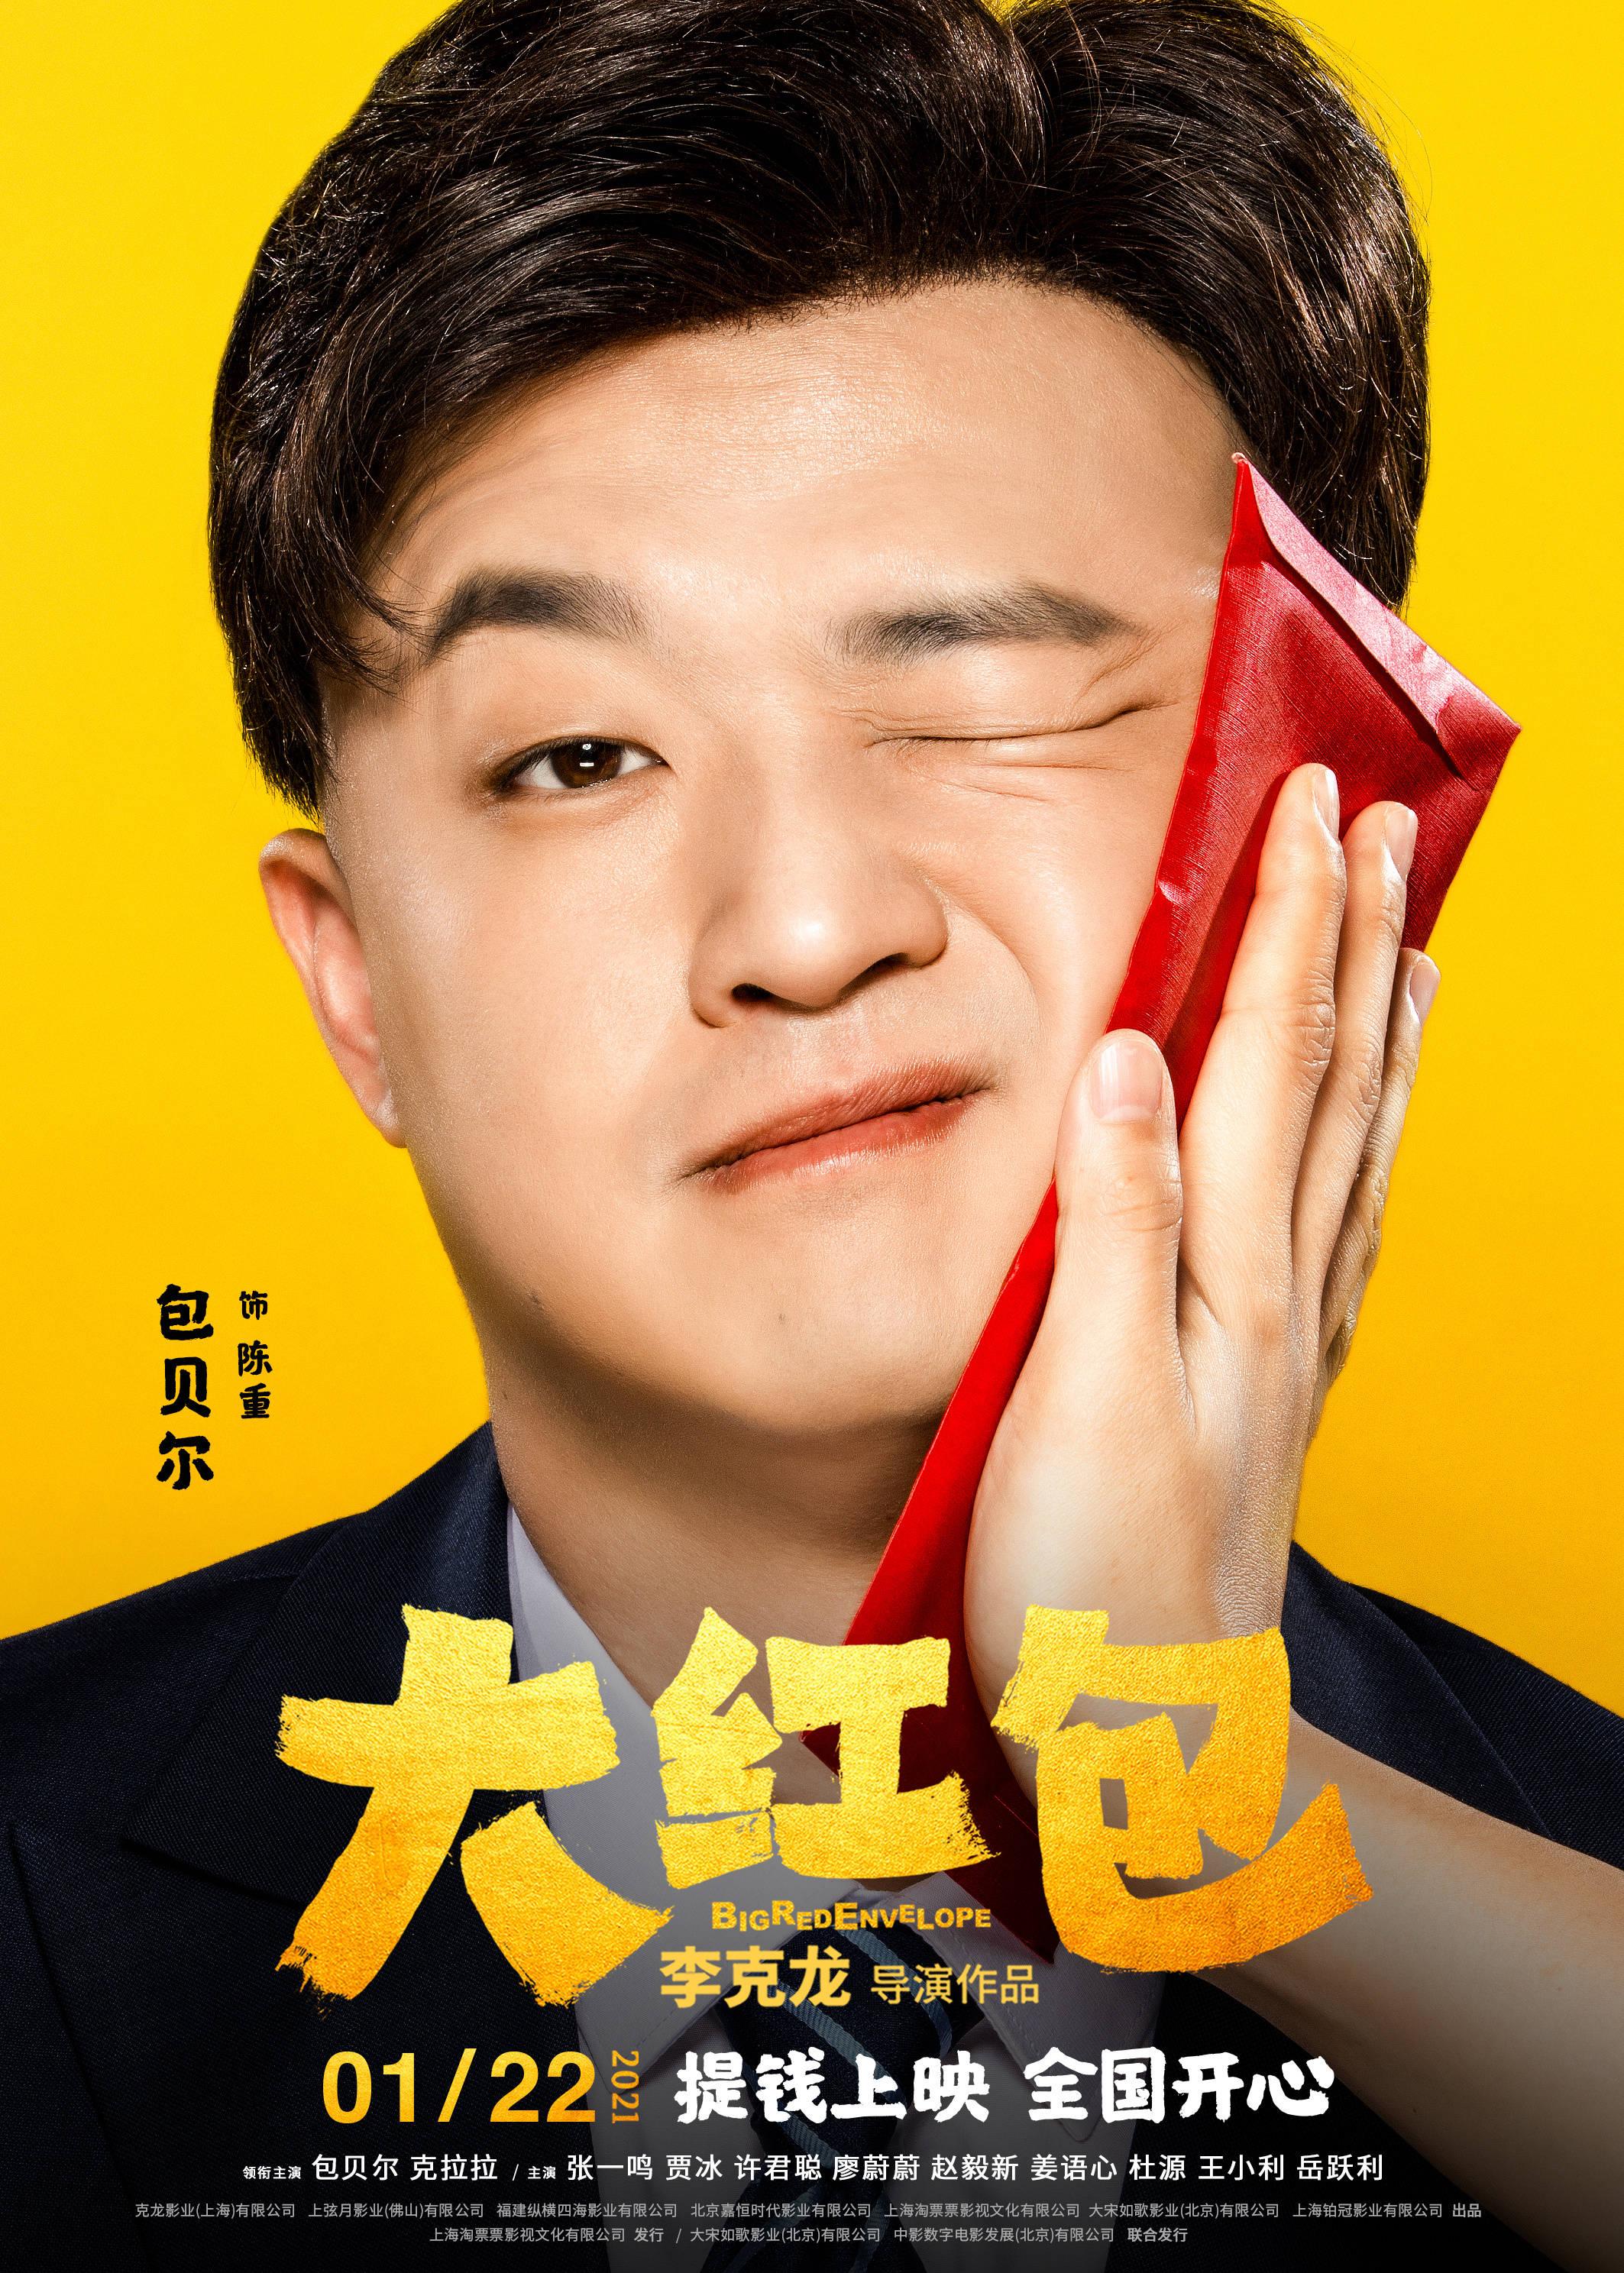 """《大红包》曝""""喜笑钱来""""版海报 包贝尔贾冰正片名场面引热议"""